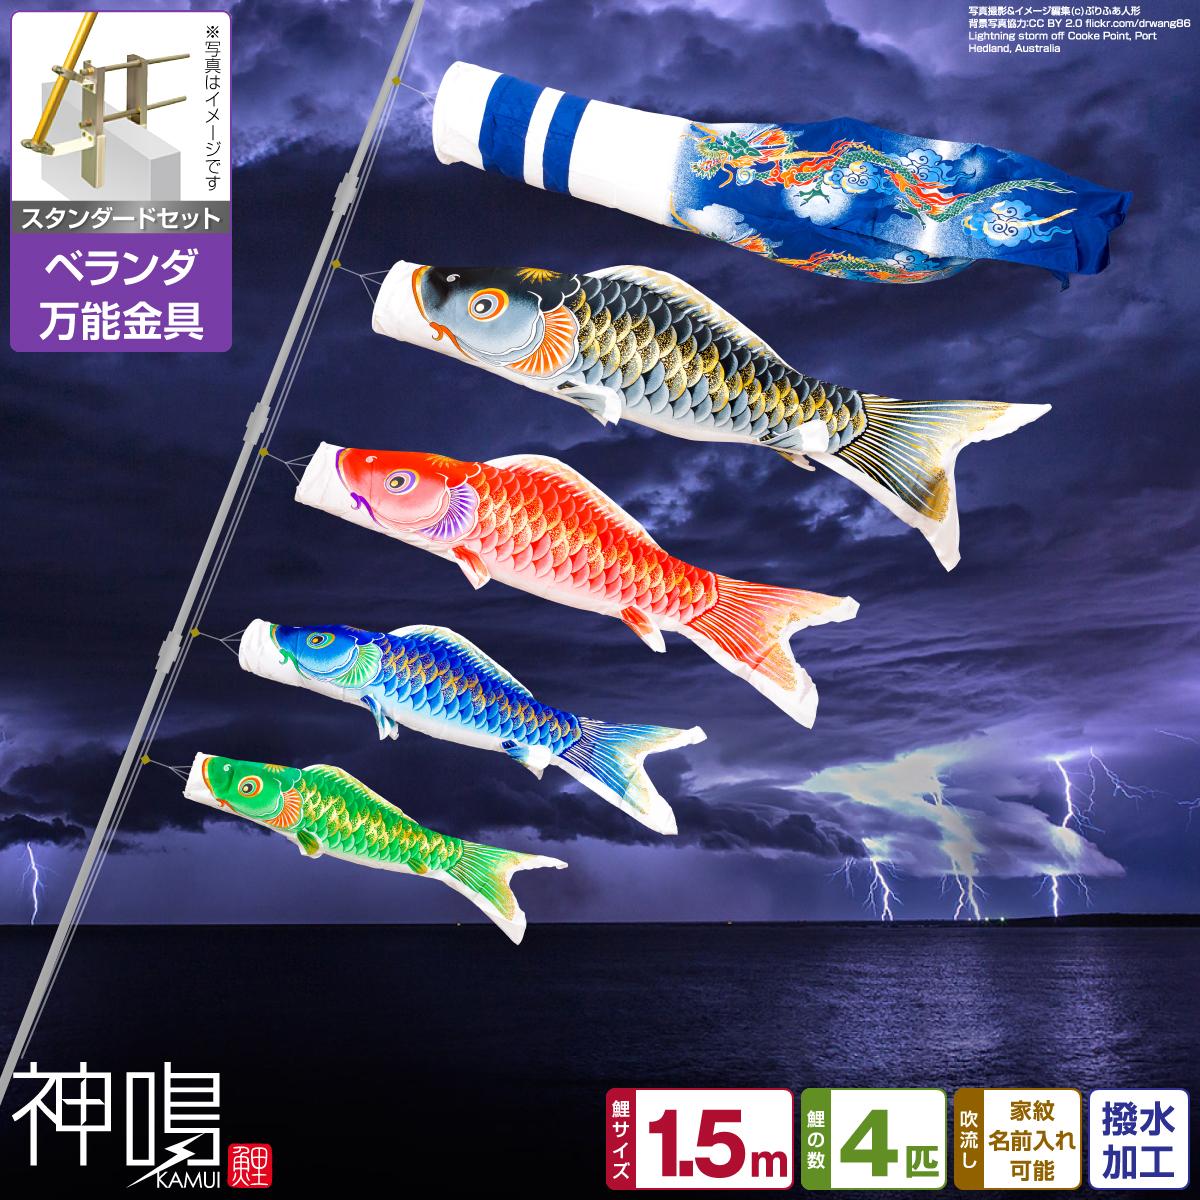 ベランダ用 鯉のぼり 神鳴鯉-KAMUI- 1.5m 7点(吹流し+鯉4匹+矢車+ロープ)/スタンダードセット(万能取付金具)